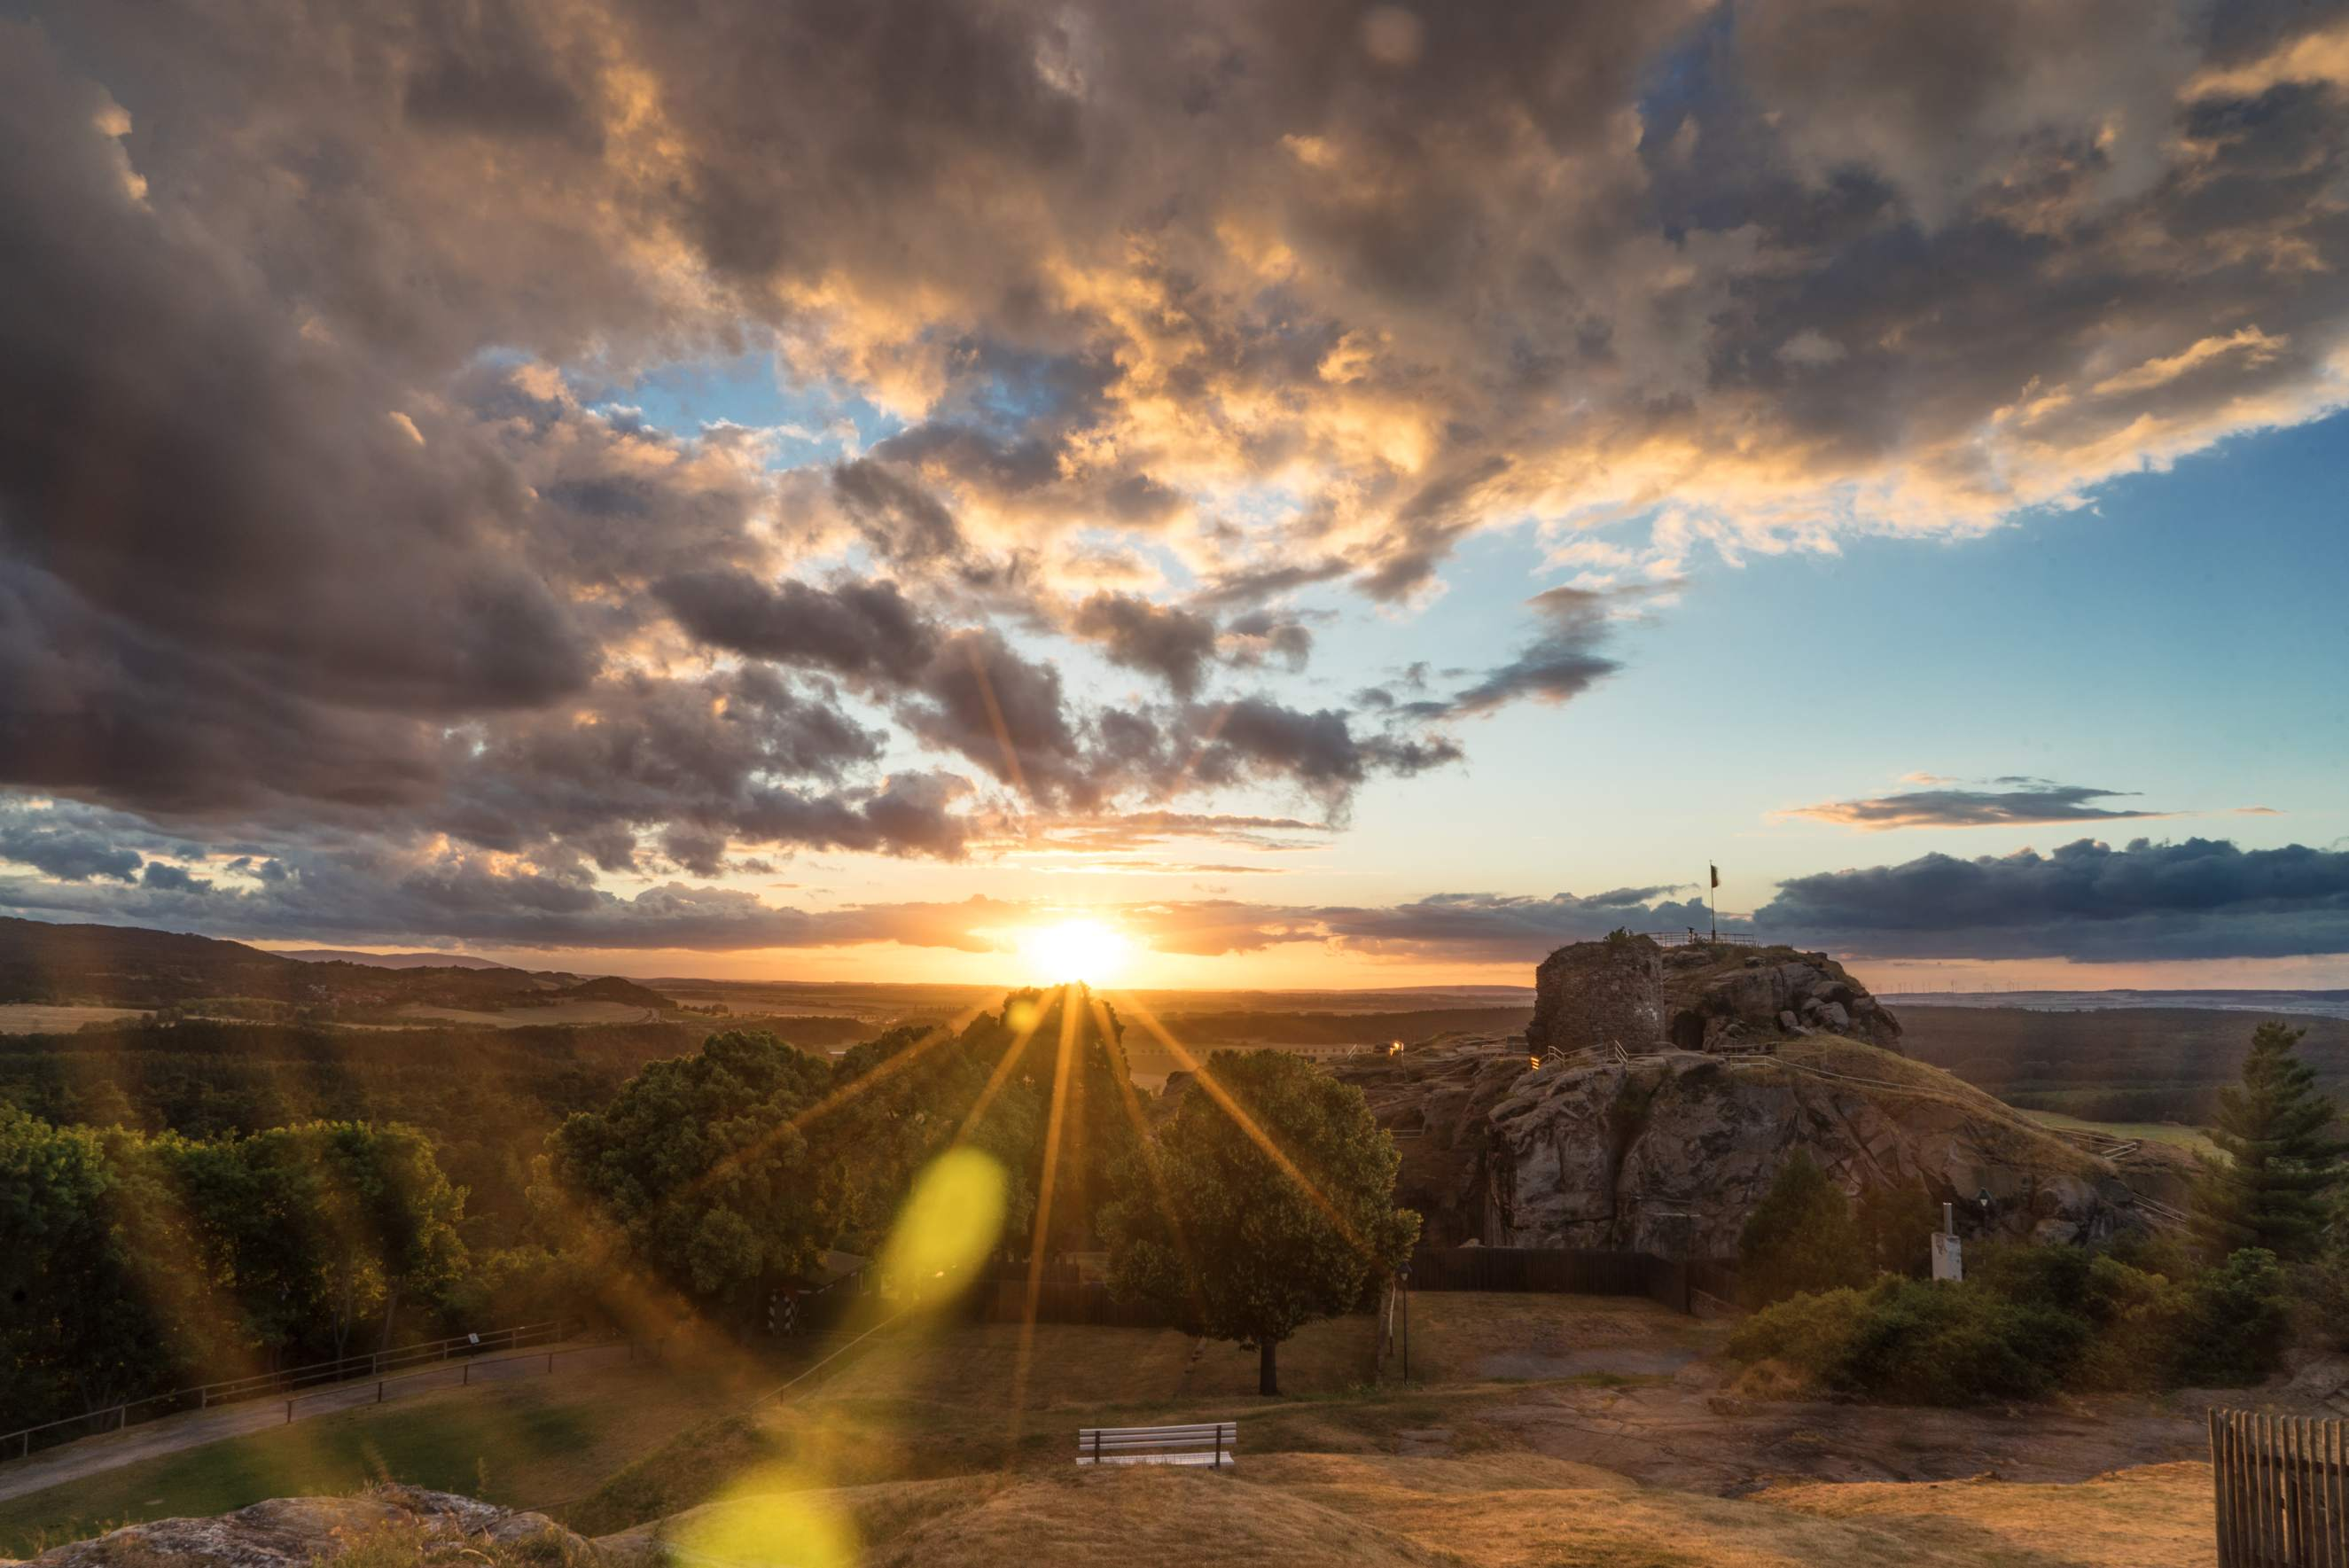 Sonnenuntergang auf Burg und Festung Regenstein